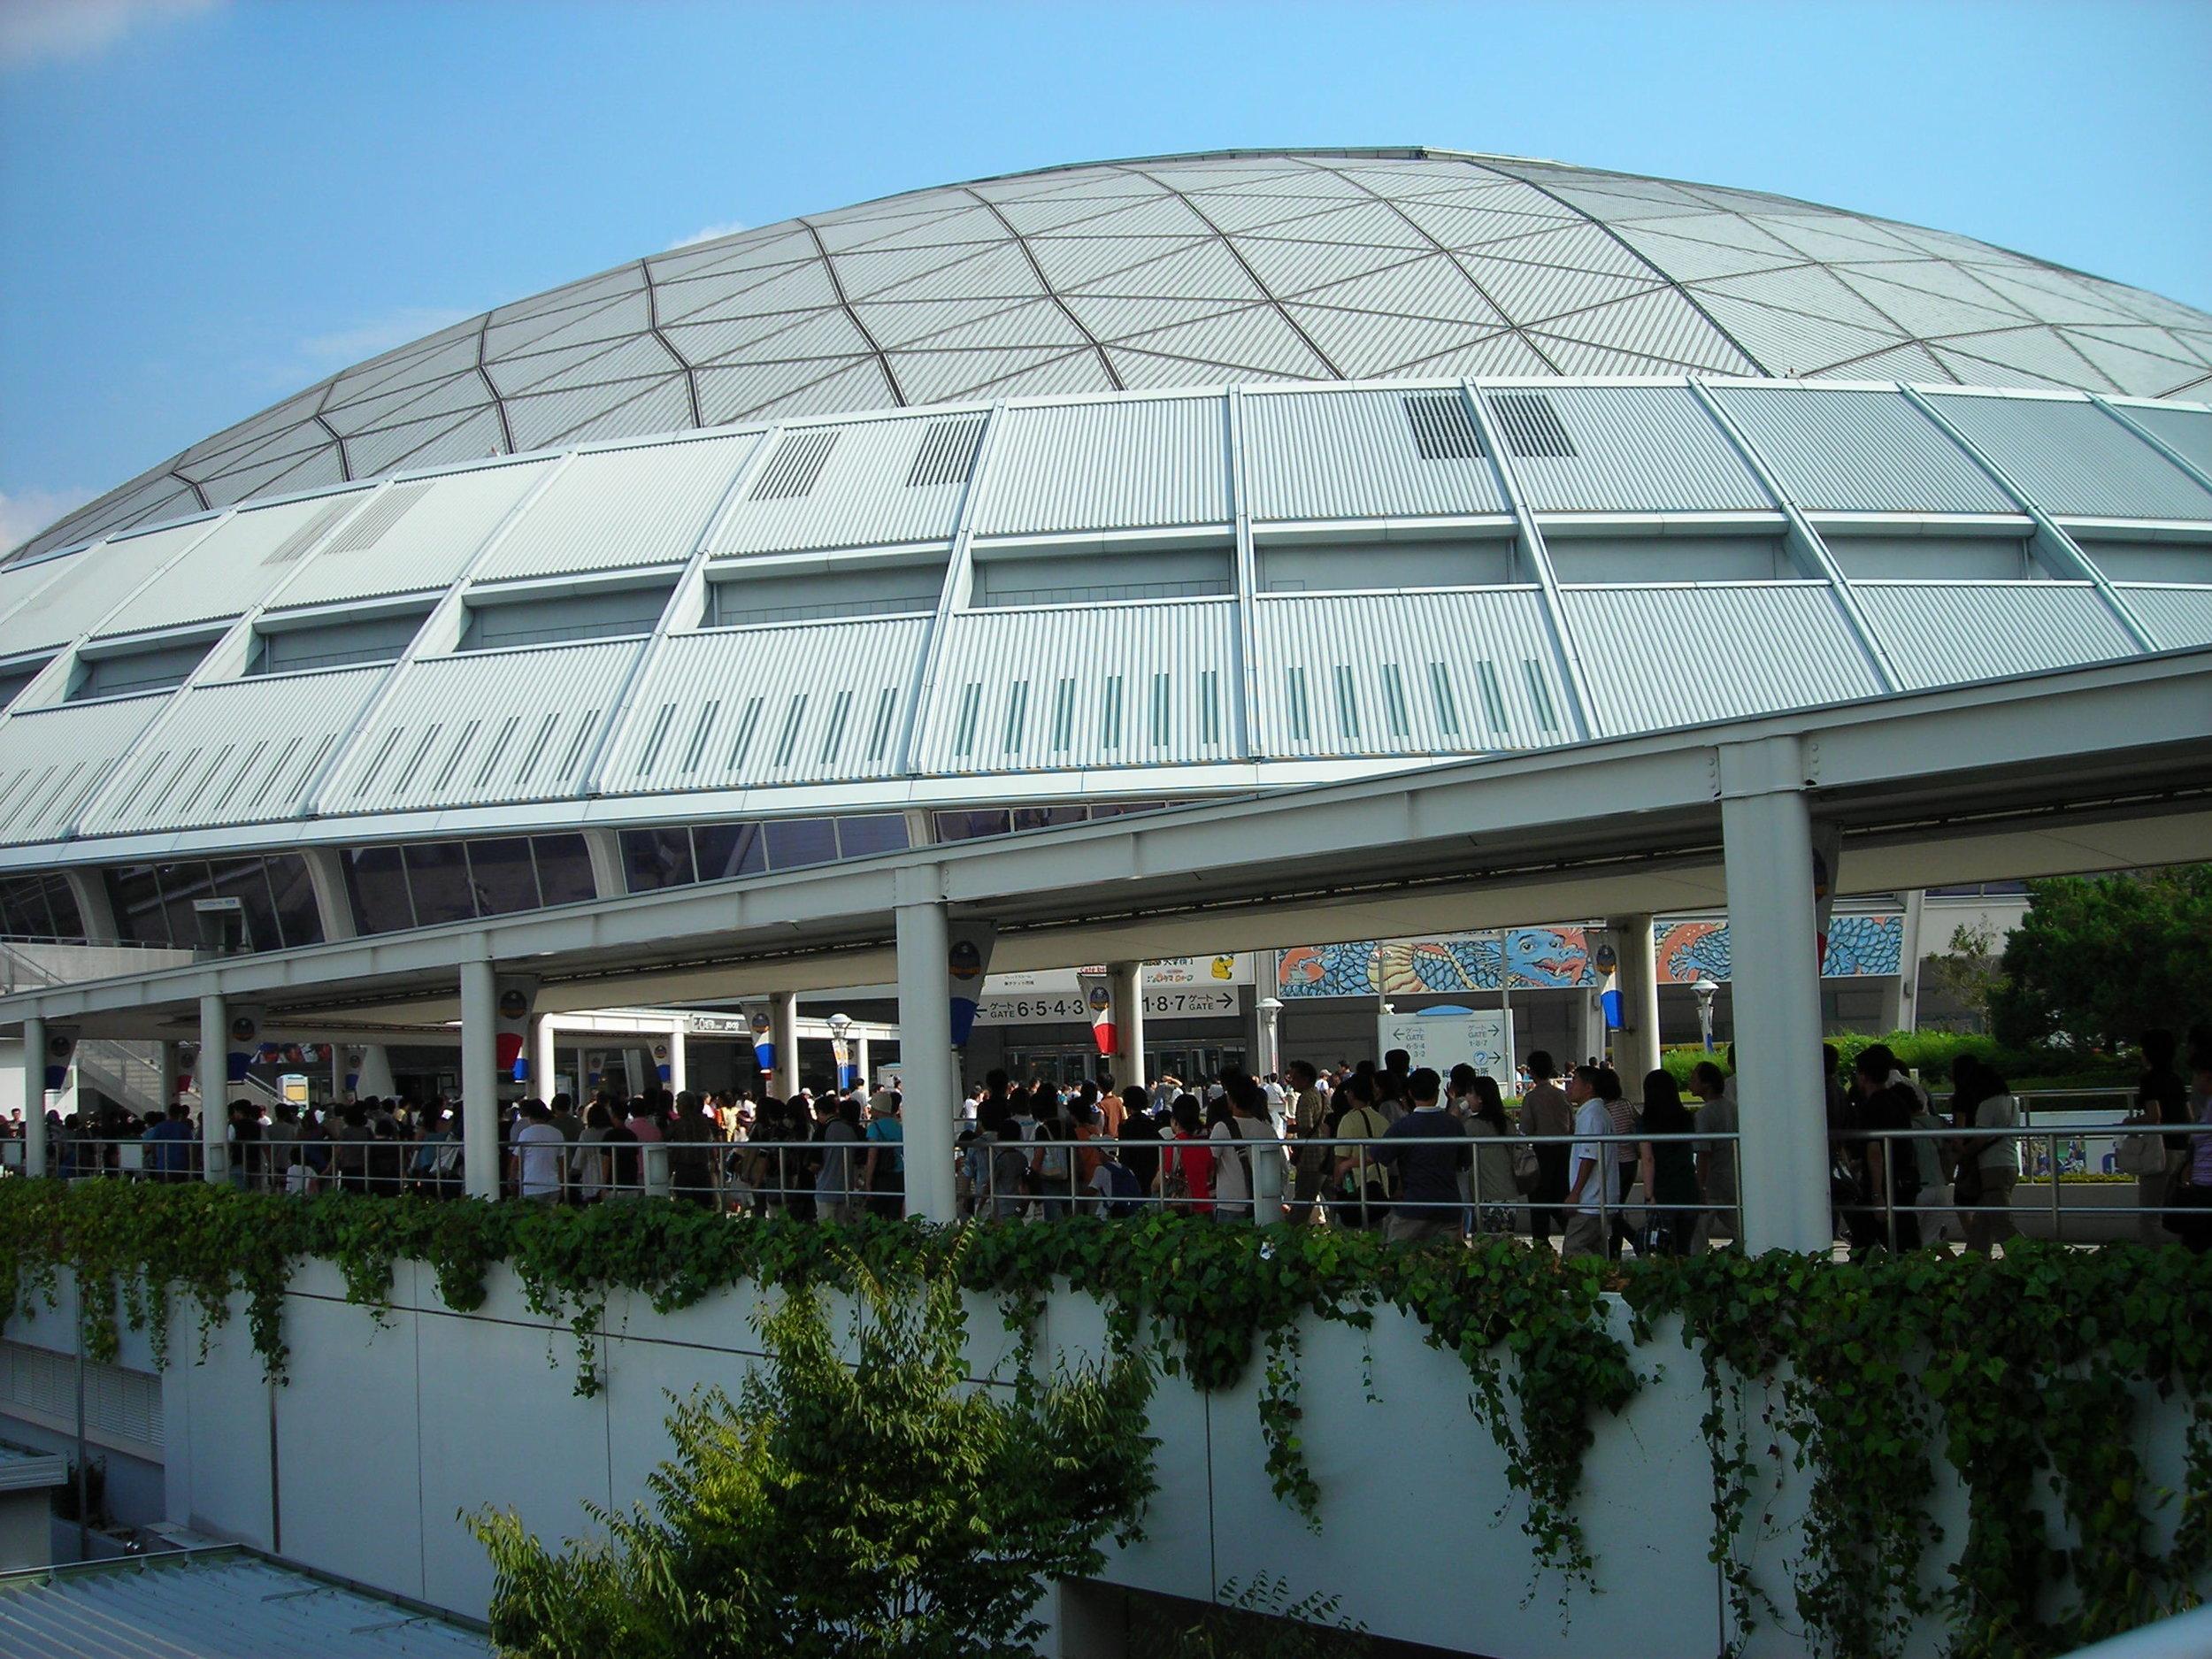 Nagoya Dome